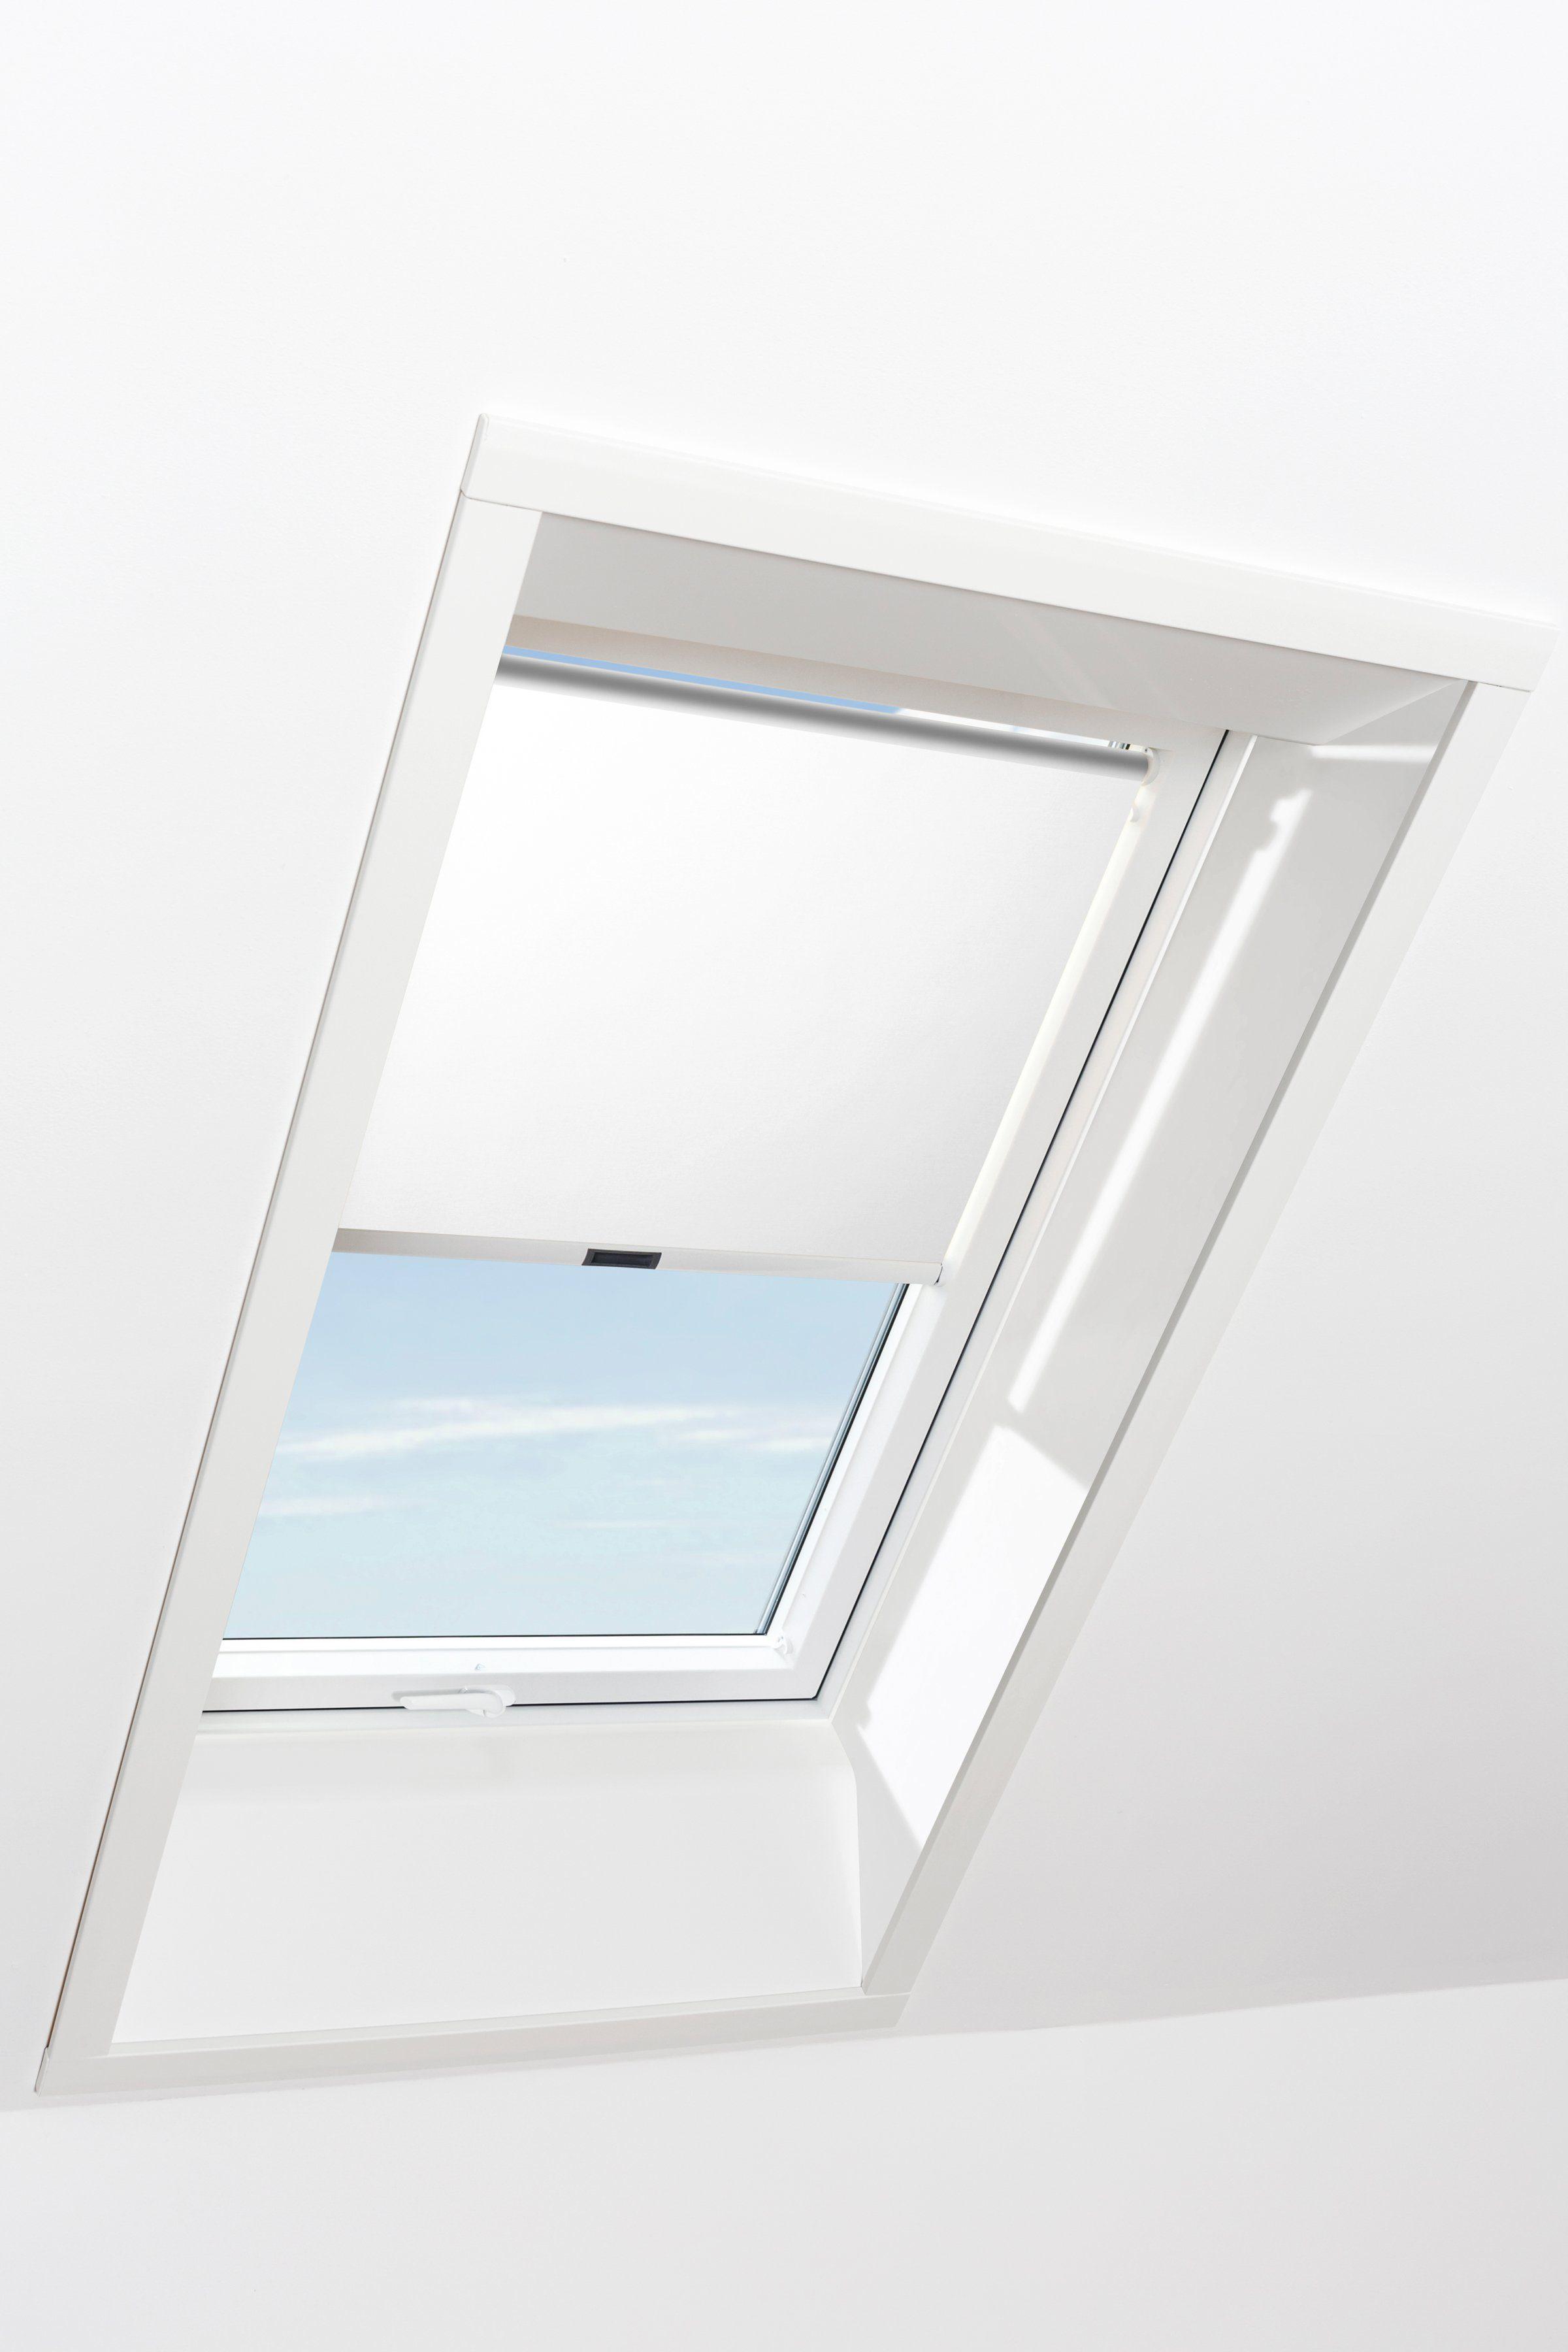 RORO Sichtschutzrollo »Typ SIRW59«, BxL: 54x98 cm, weiß